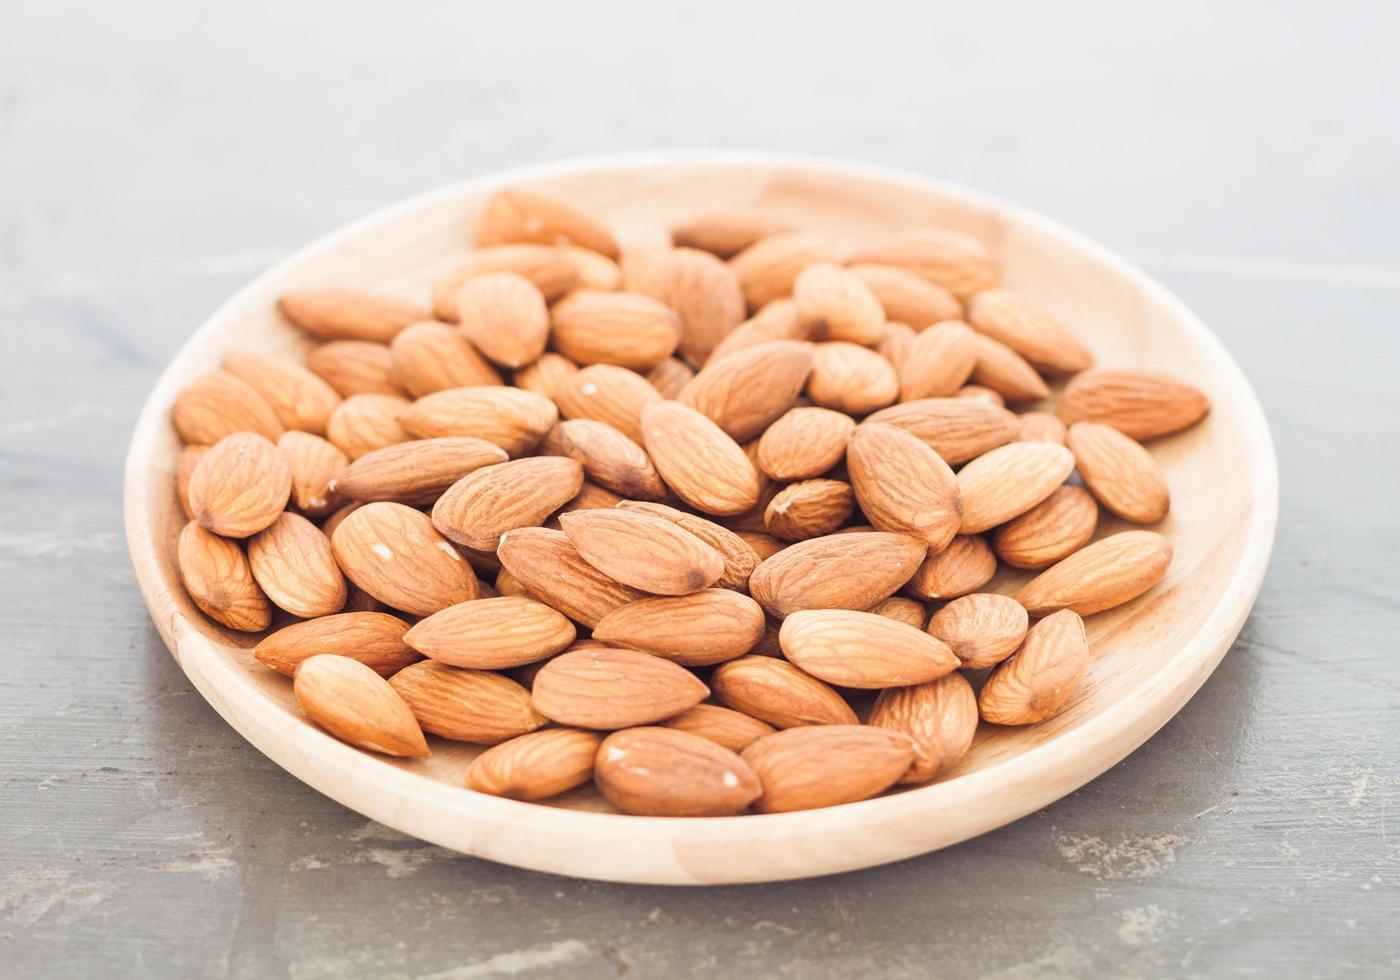 noix d'amande sur une assiette photo